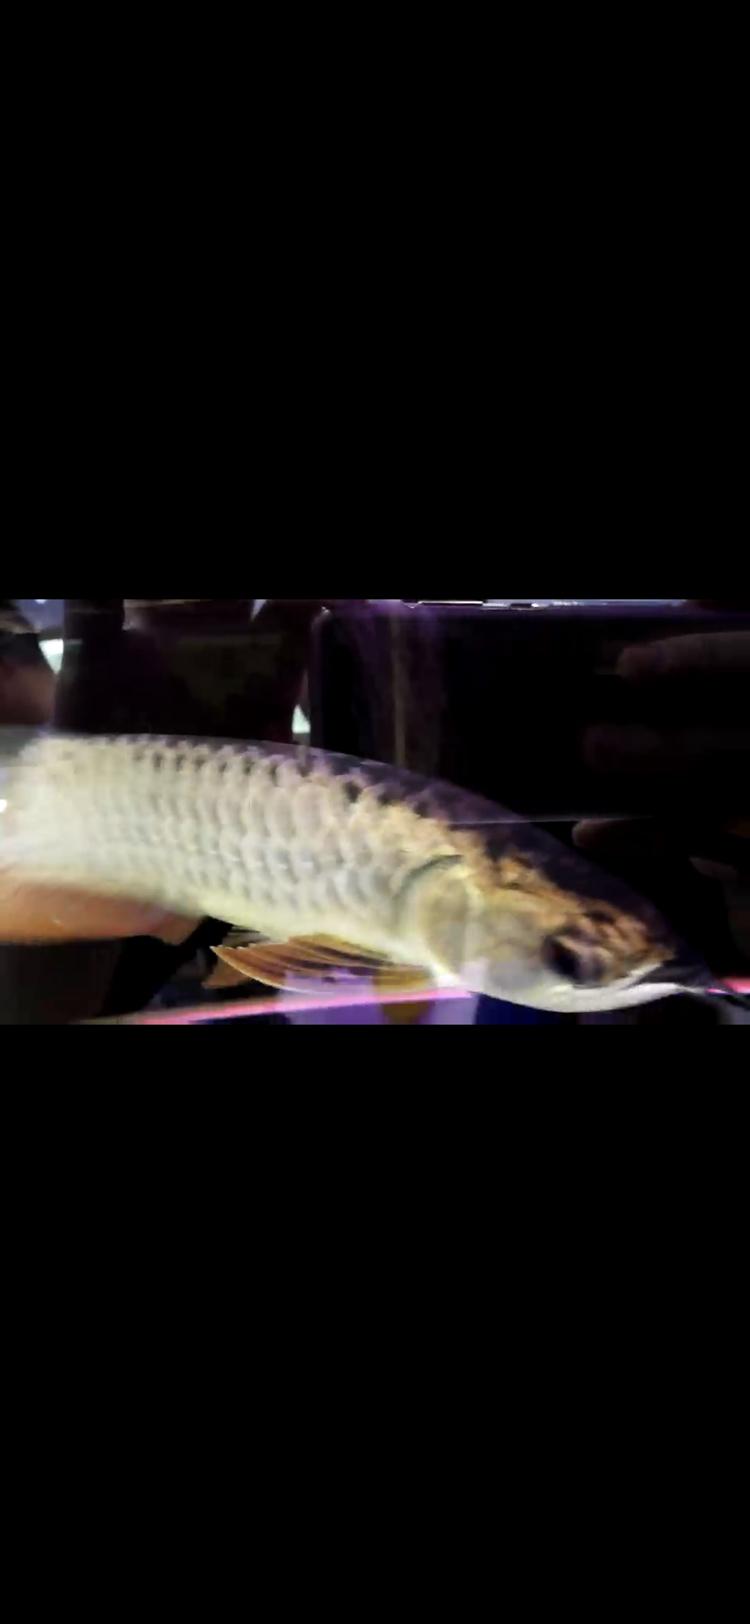 【西安豹纹夫】这只轻微掉眼的头全金龙鱼值不值 西安龙鱼论坛 西安博特第6张